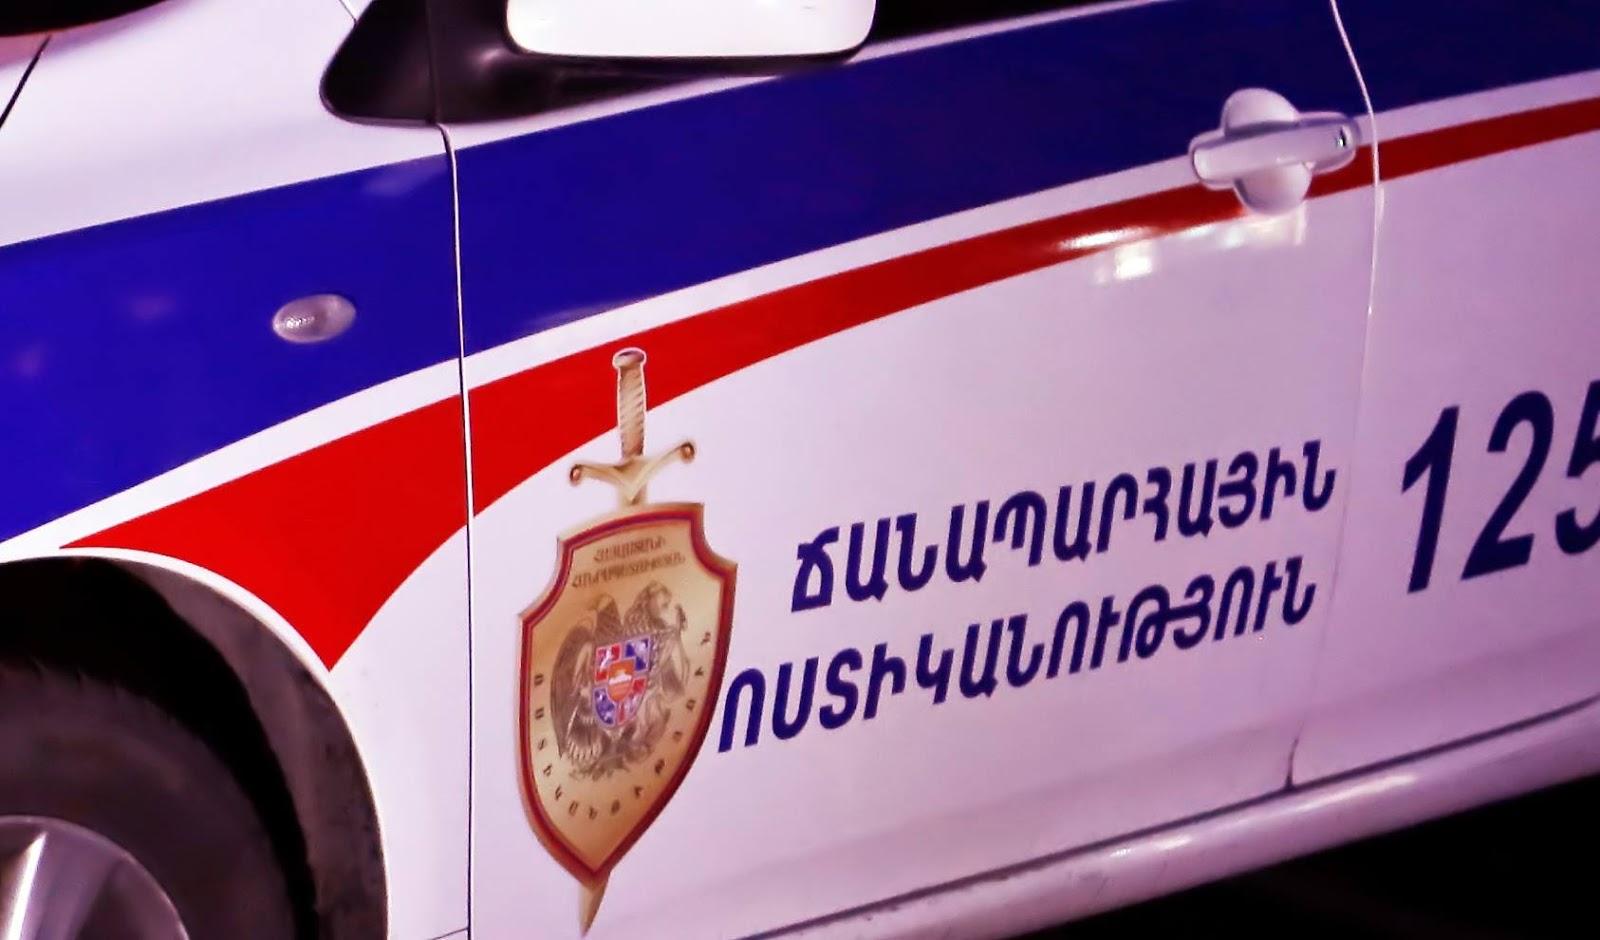 2019-ի առաջին ժամերին վարչական պատասխանատվության է ենթարկվել ոչ սթափ վիճակում մեքենա վարած 13 վարորդ